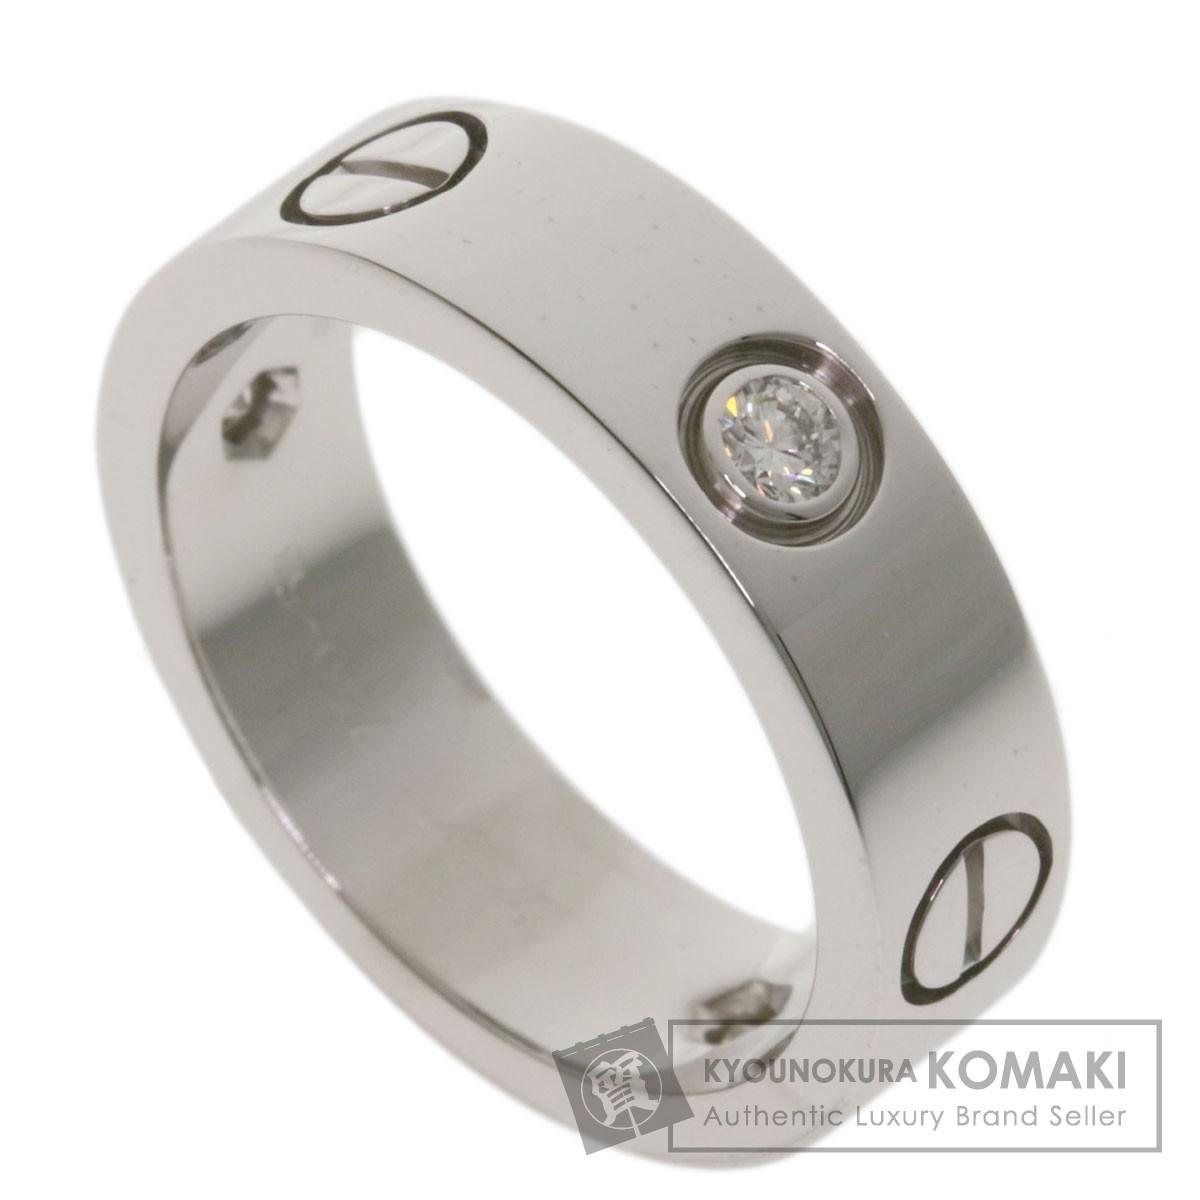 カルティエ ラブリング ハーフダイヤモンド #53 リング・指輪 K18ホワイトゴールド レディース 【中古】【CARTIER】